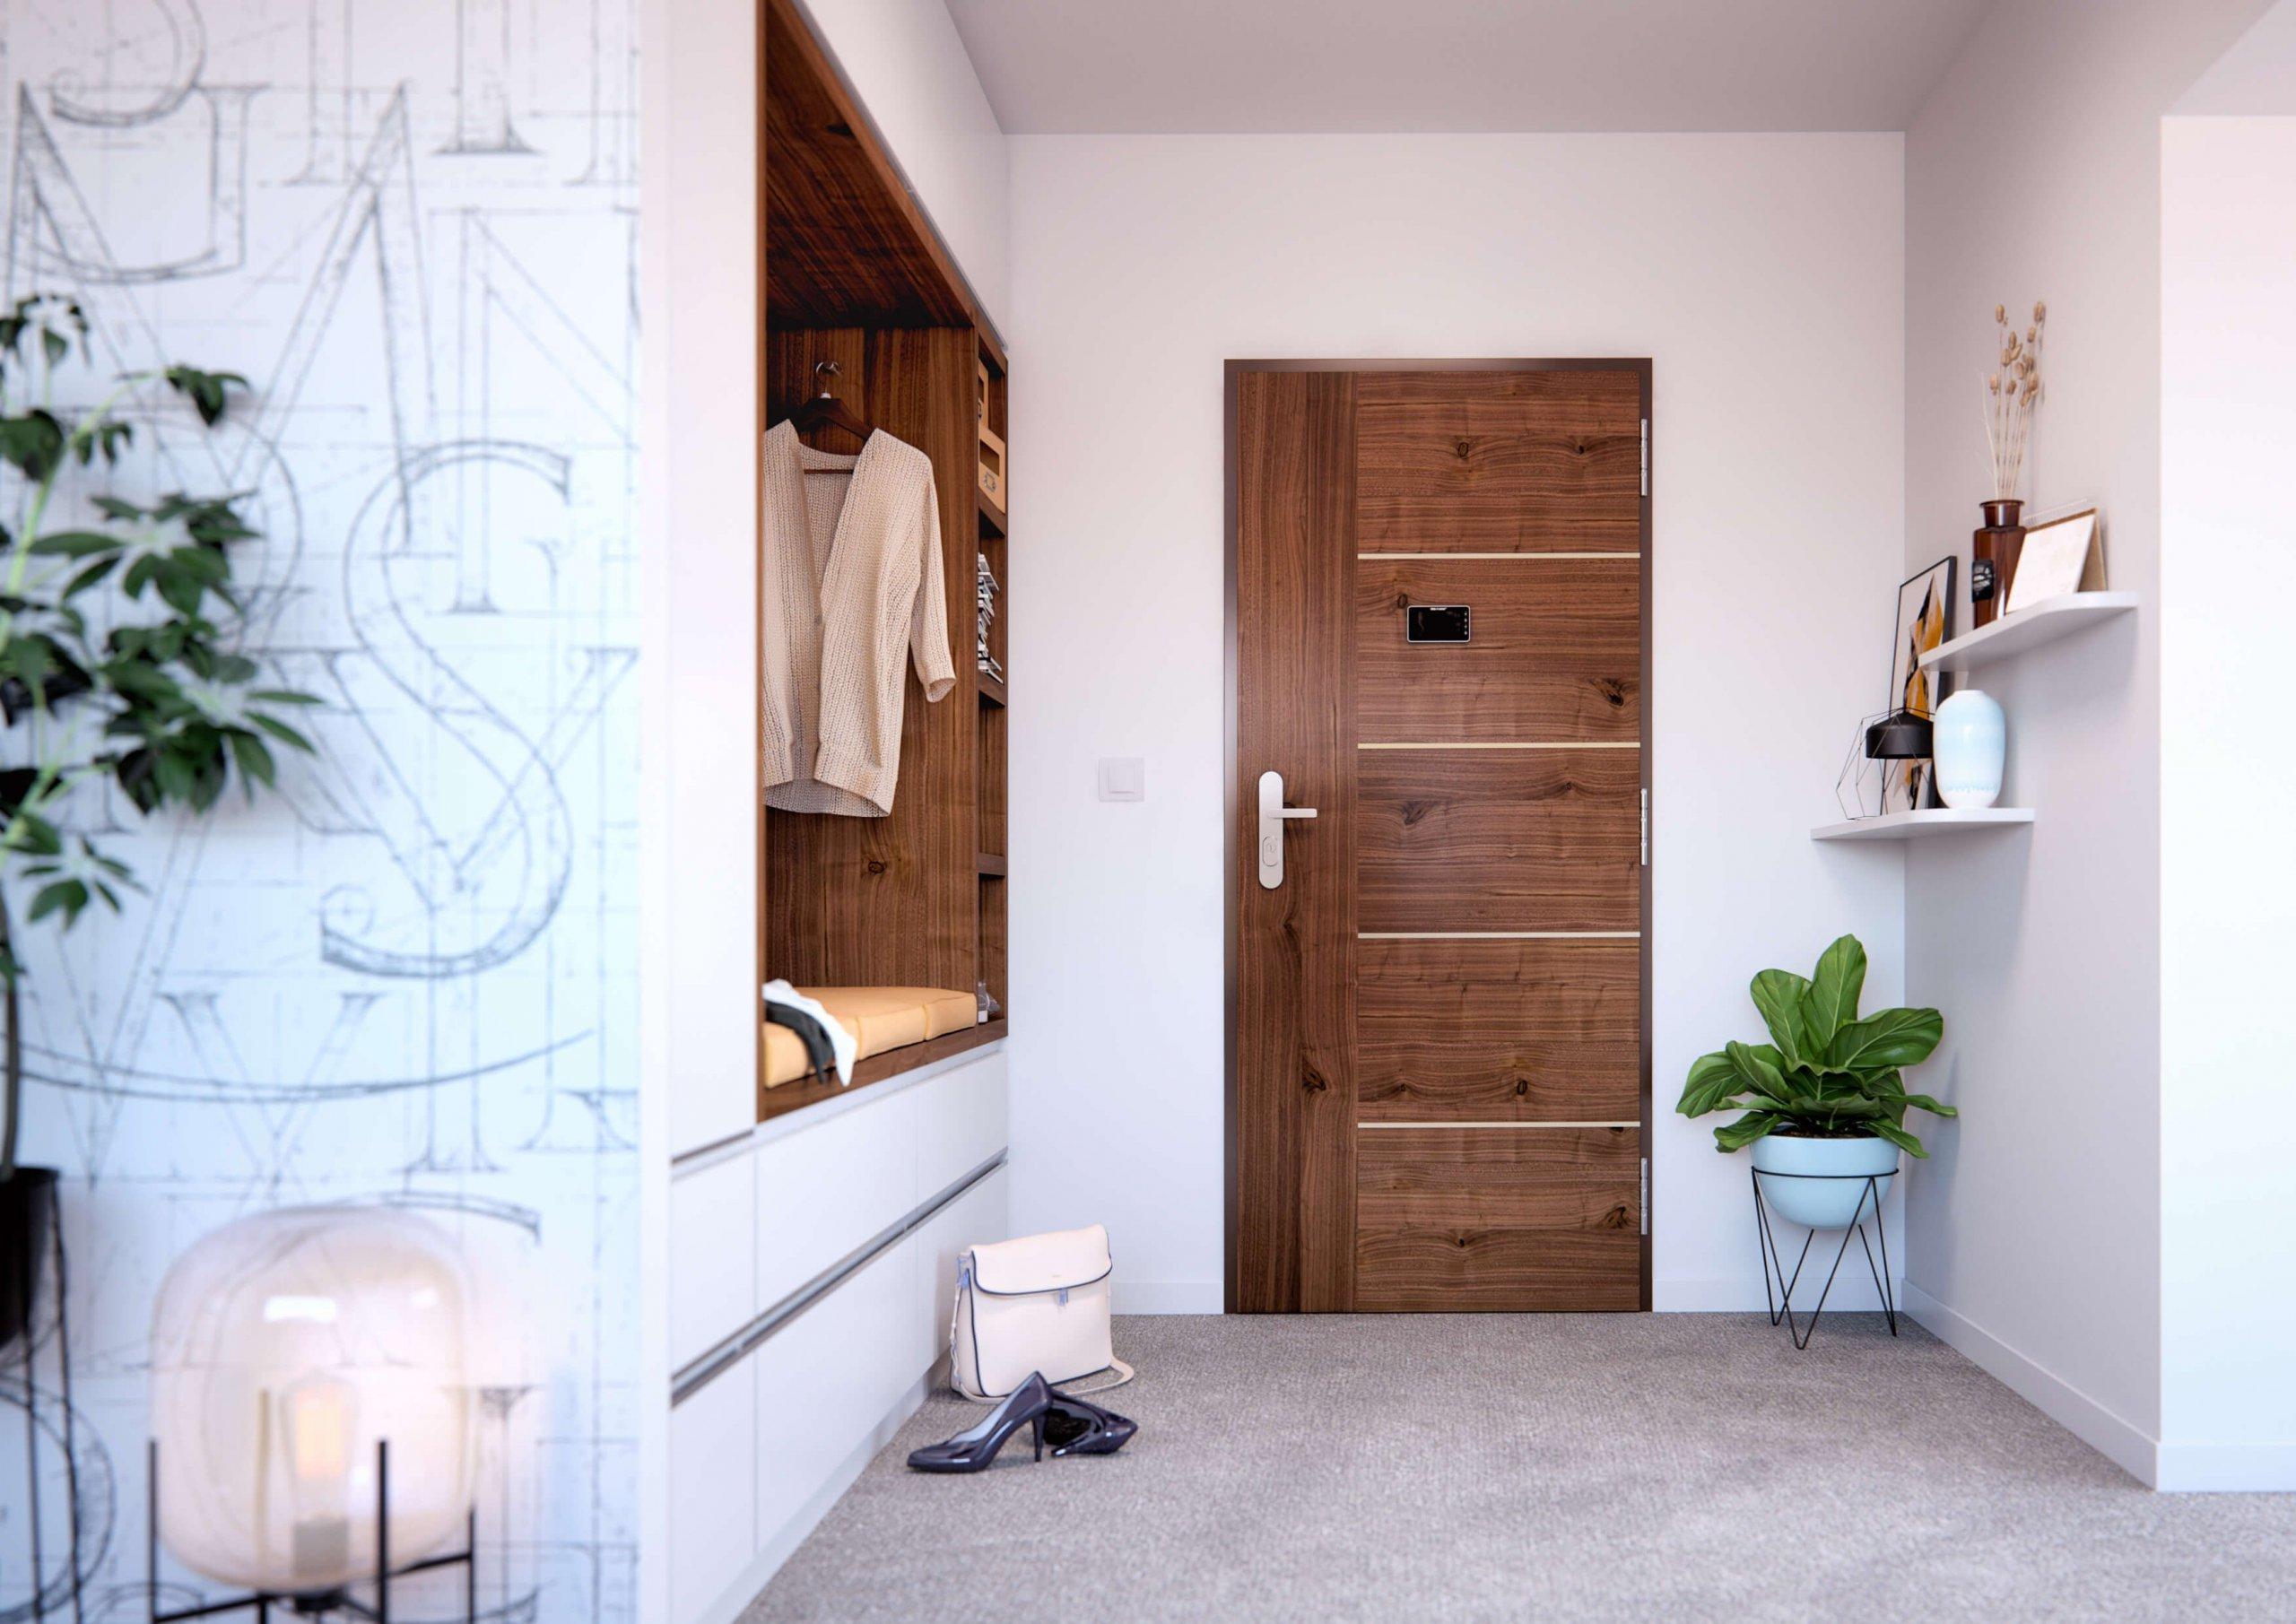 Dveře jsou nedílnou součástí naprosté většiny interiérů, oddělují jednotlivé místnosti a části bytů či domů, zajišťují soukromí, slouží jako tepelná i zvuková izolace a také jako designový prvek. Jejich výběr je proto důležitý a ovlivní celkový vzhled interiéru. Podle čeho však dveře vybírat? Parametrů je více než dost!